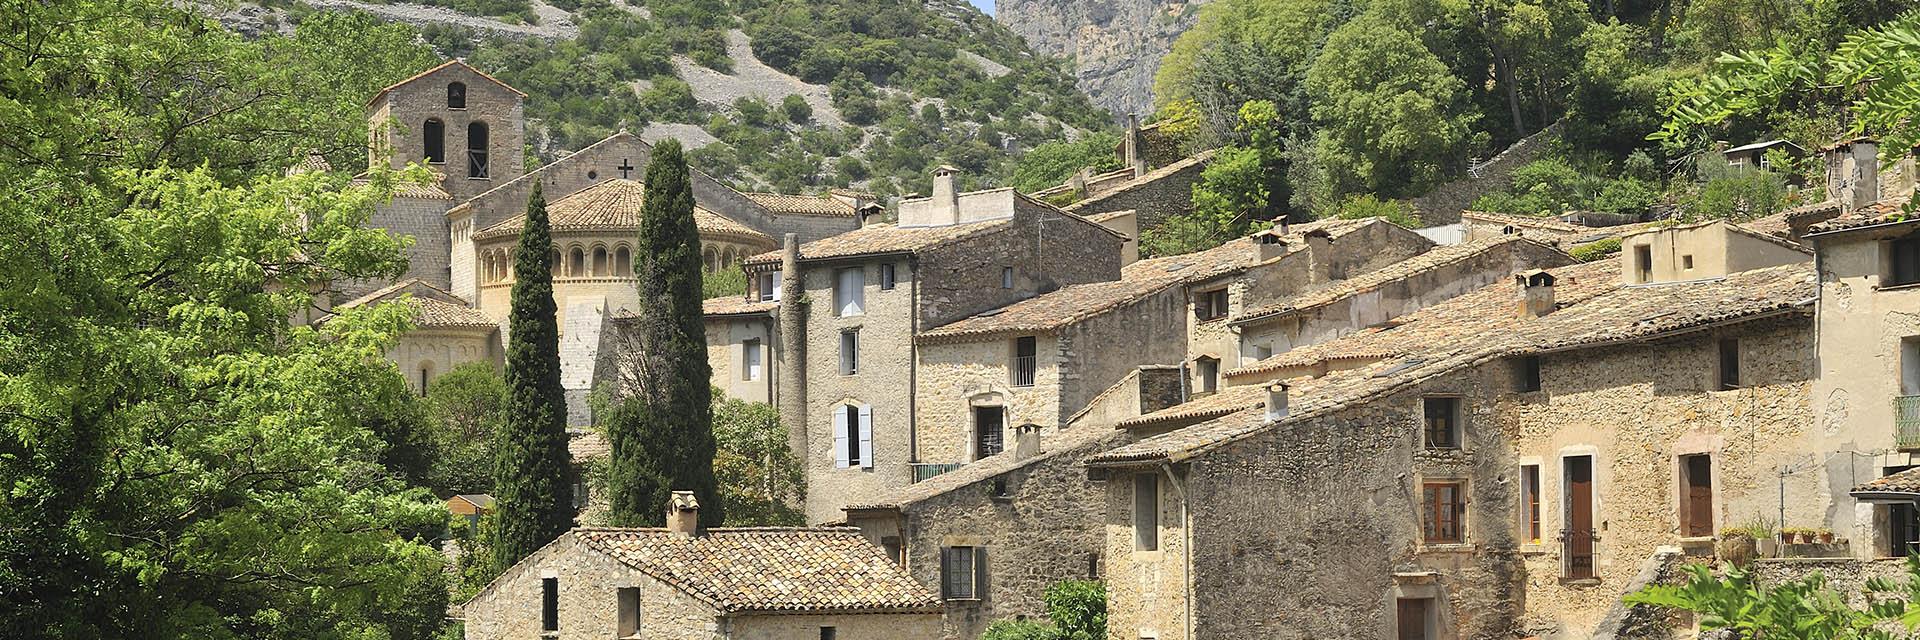 village-vacance-batipaume-saint-guilhem-le-desert